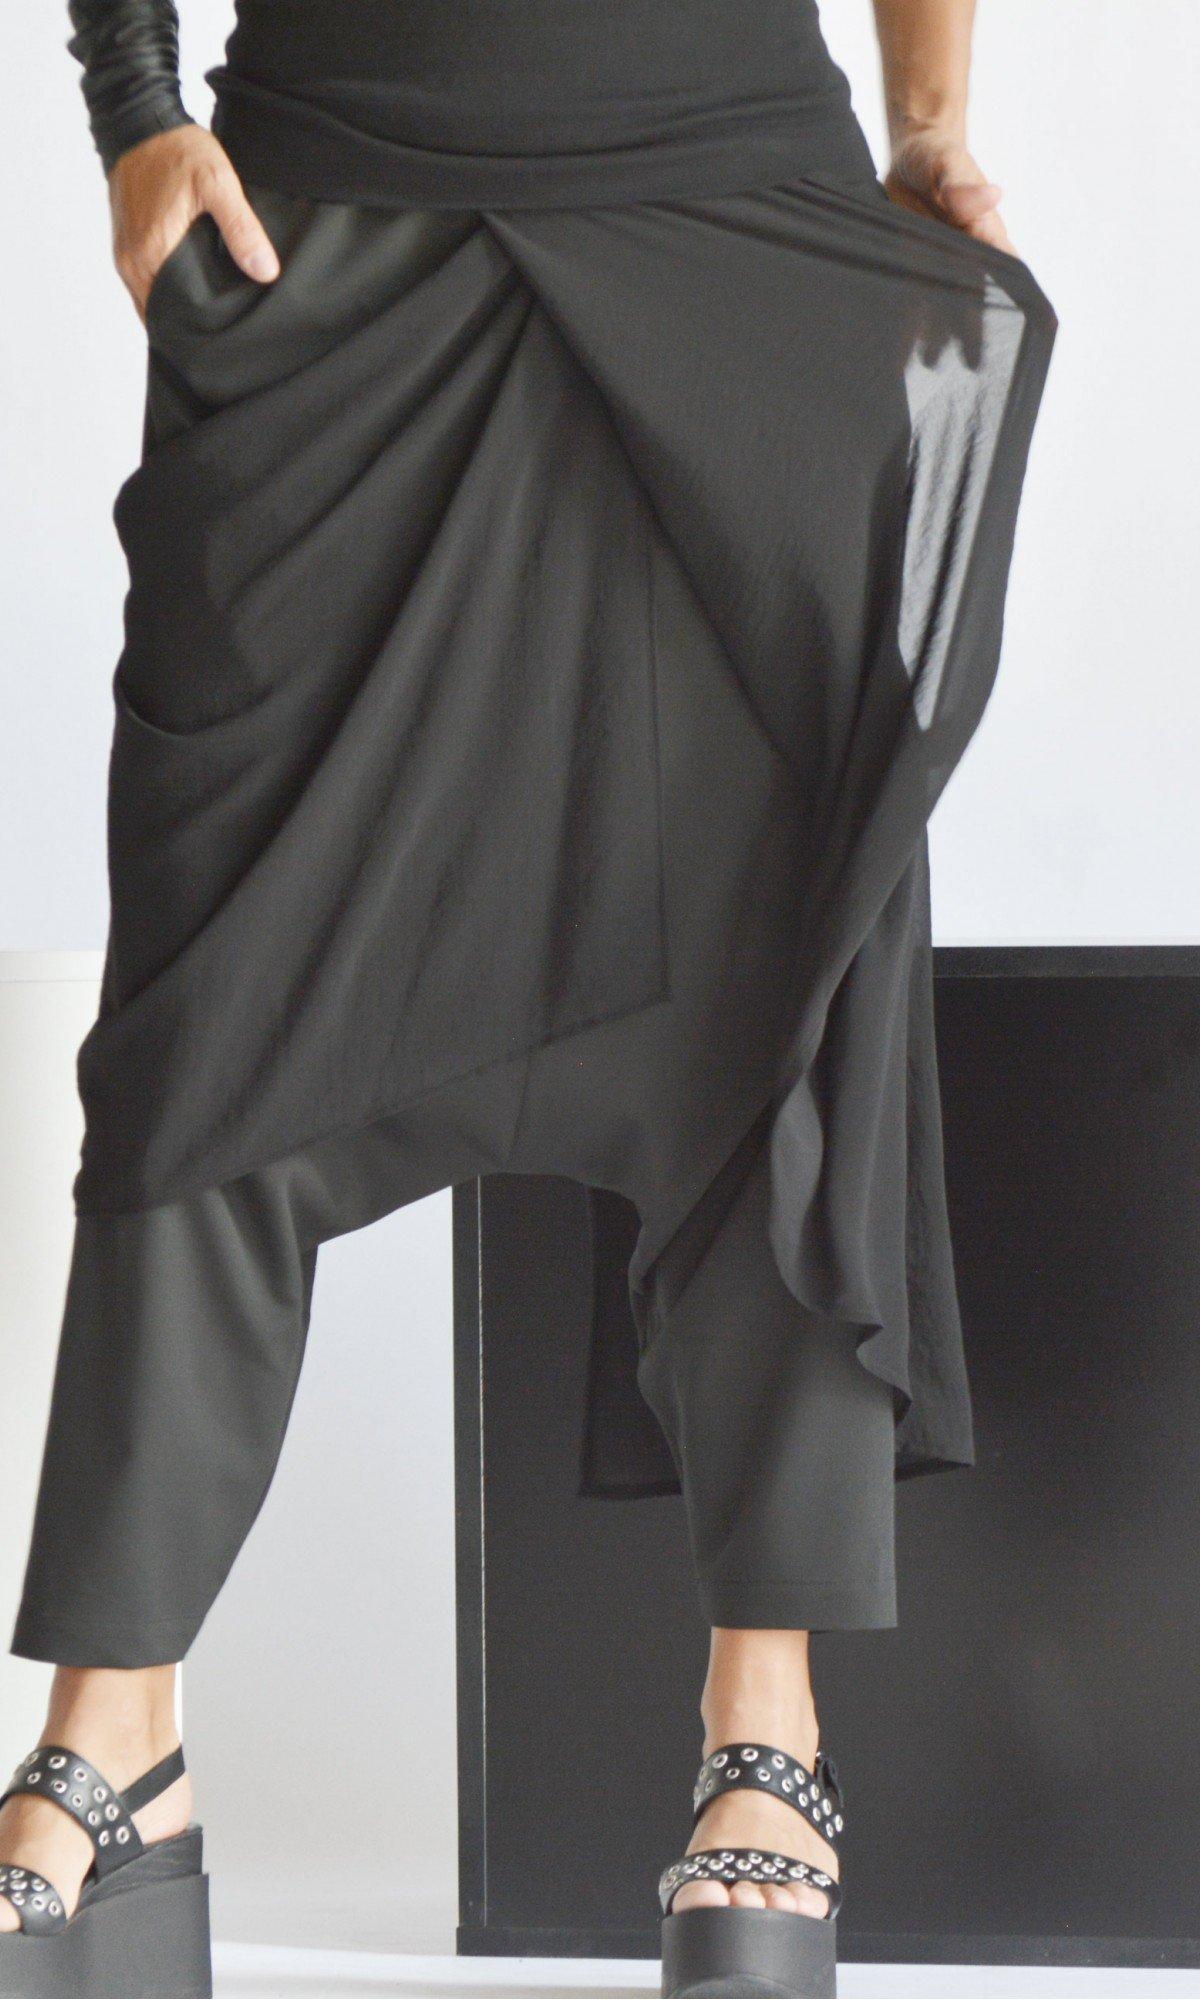 Elegant Draped Drop Crotch Pants A90510